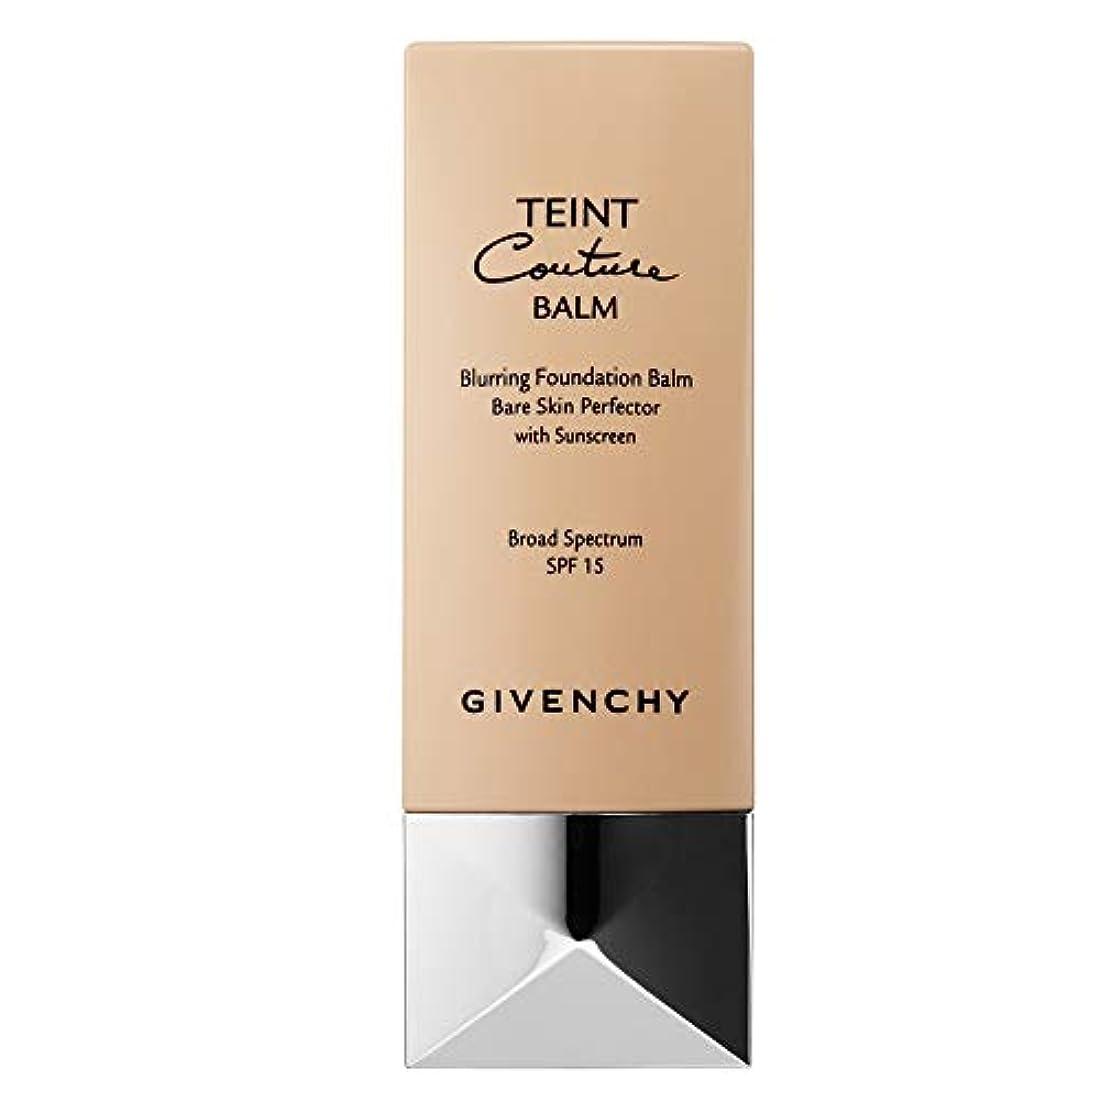 怠寺院タオルジバンシィ Teint Couture Blurring Foundation Balm SPF 15 - # 1 Nude Porcelain 30ml/1oz並行輸入品